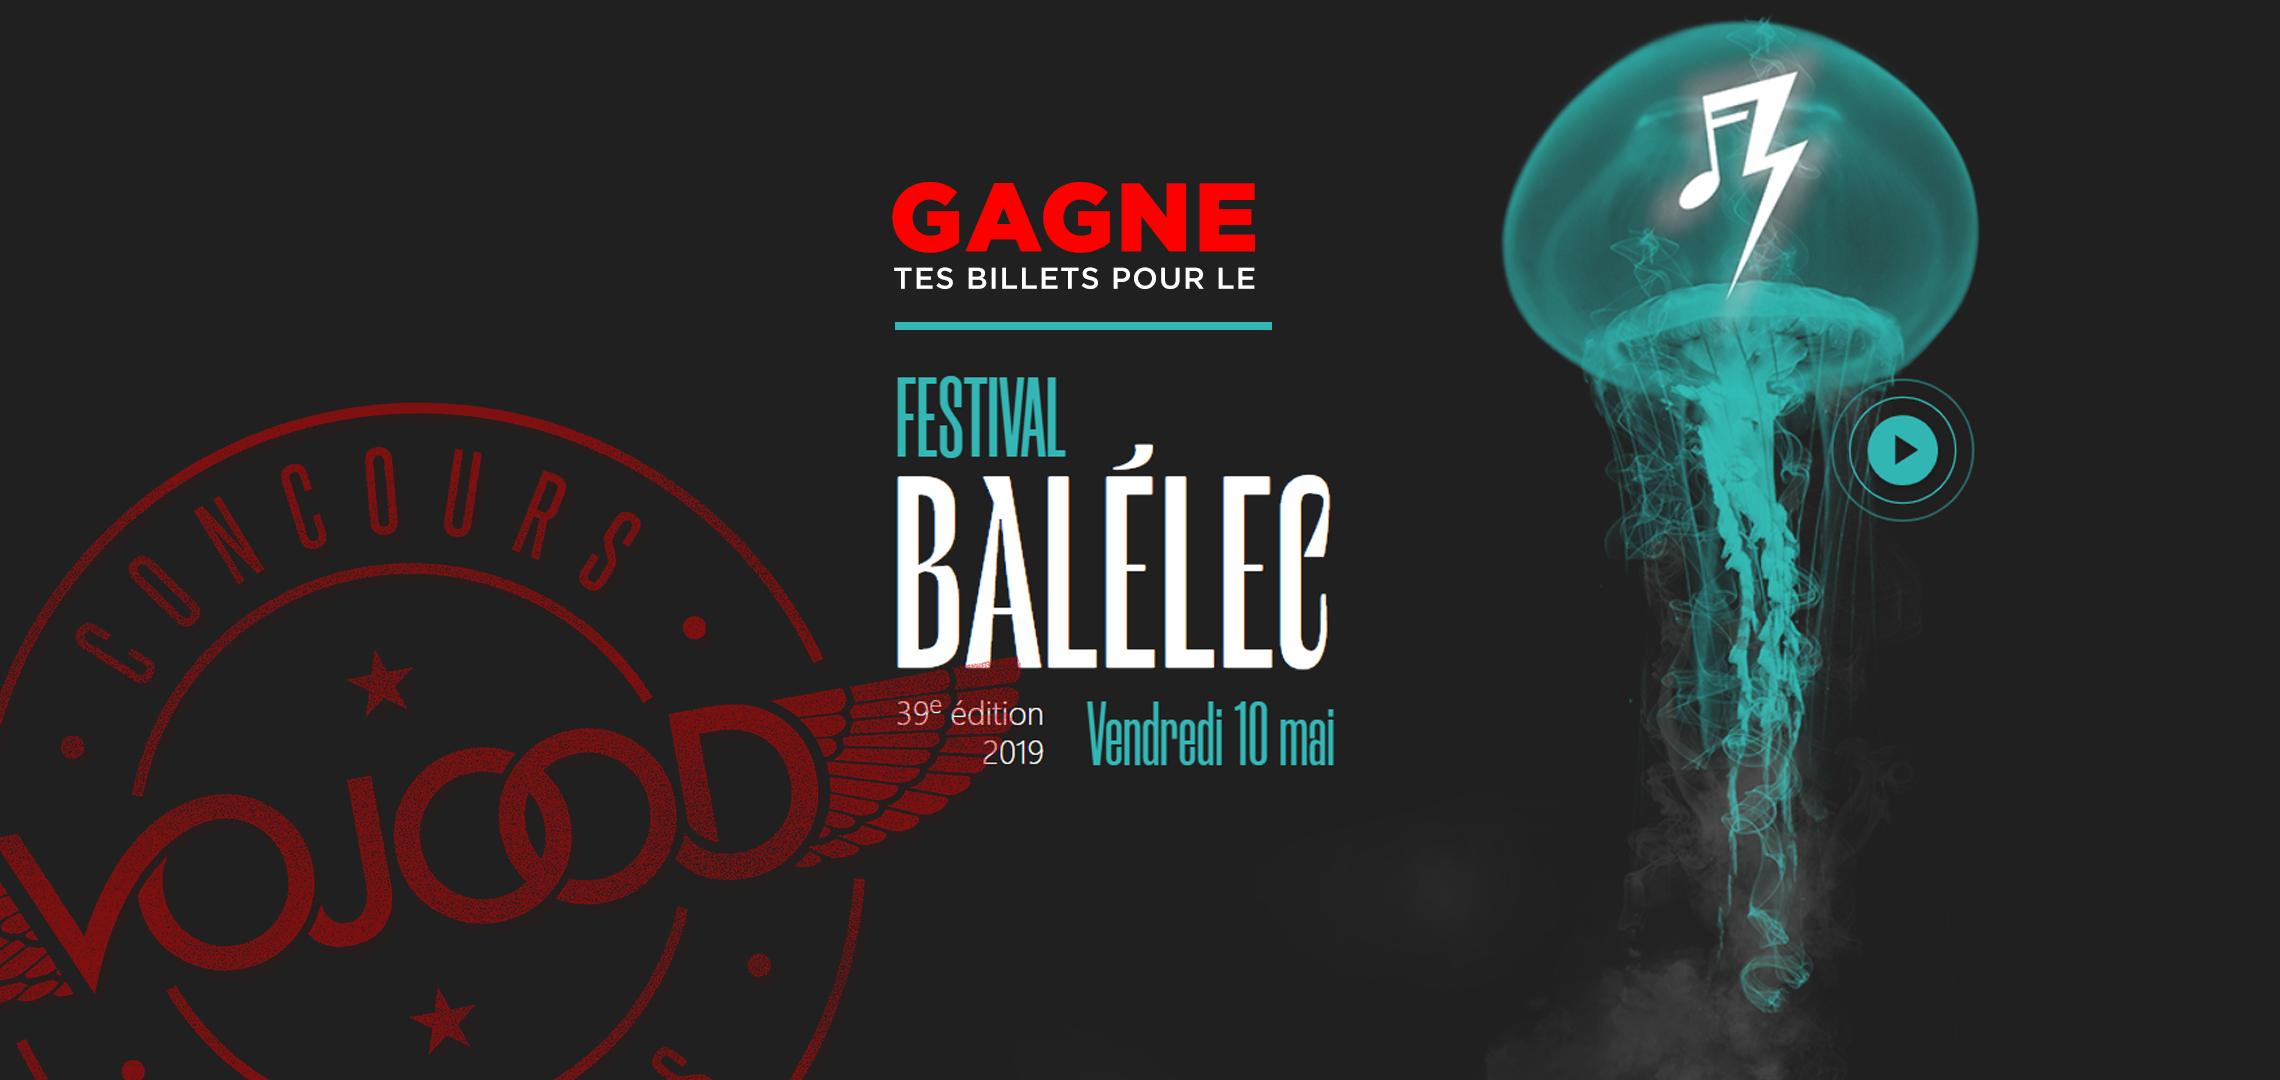 GAGNE tes billets pour le festival Balélec 2019